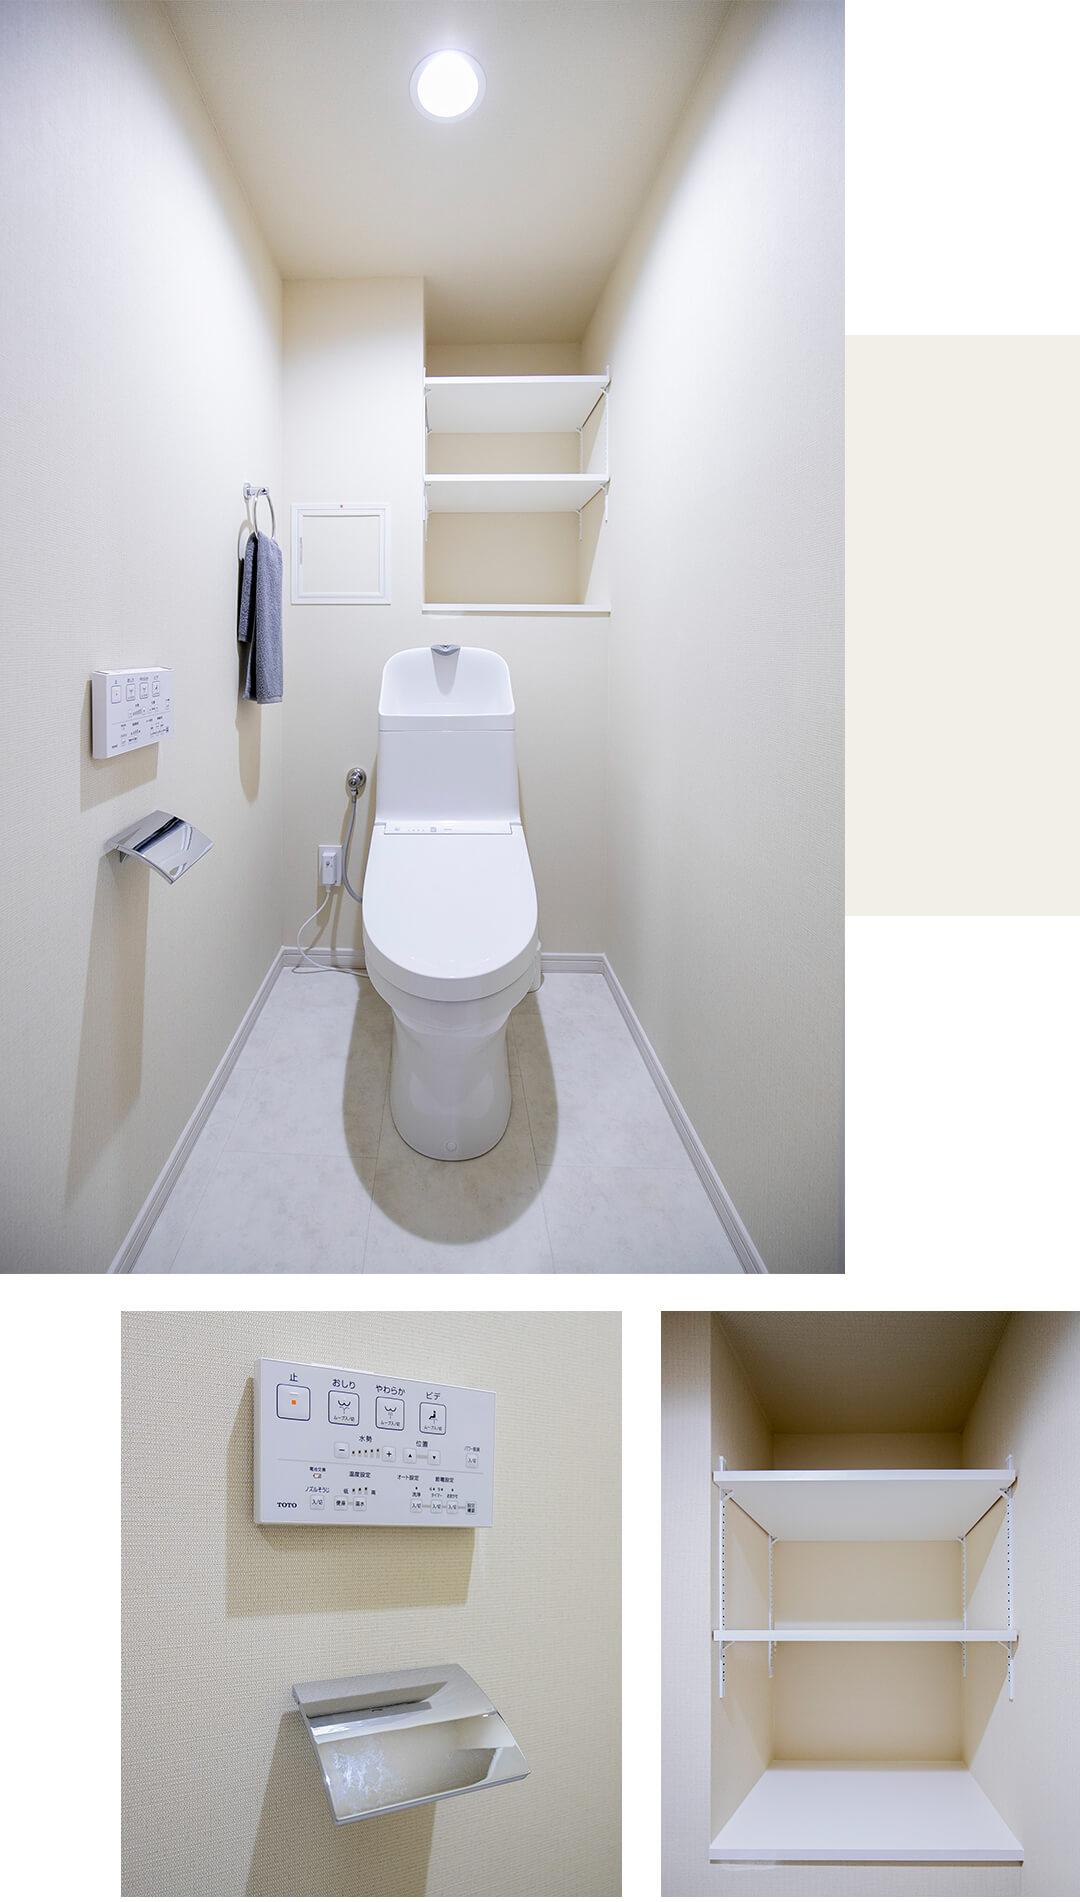 ザ・ガーデンタワーズサンライズタワーのトイレ